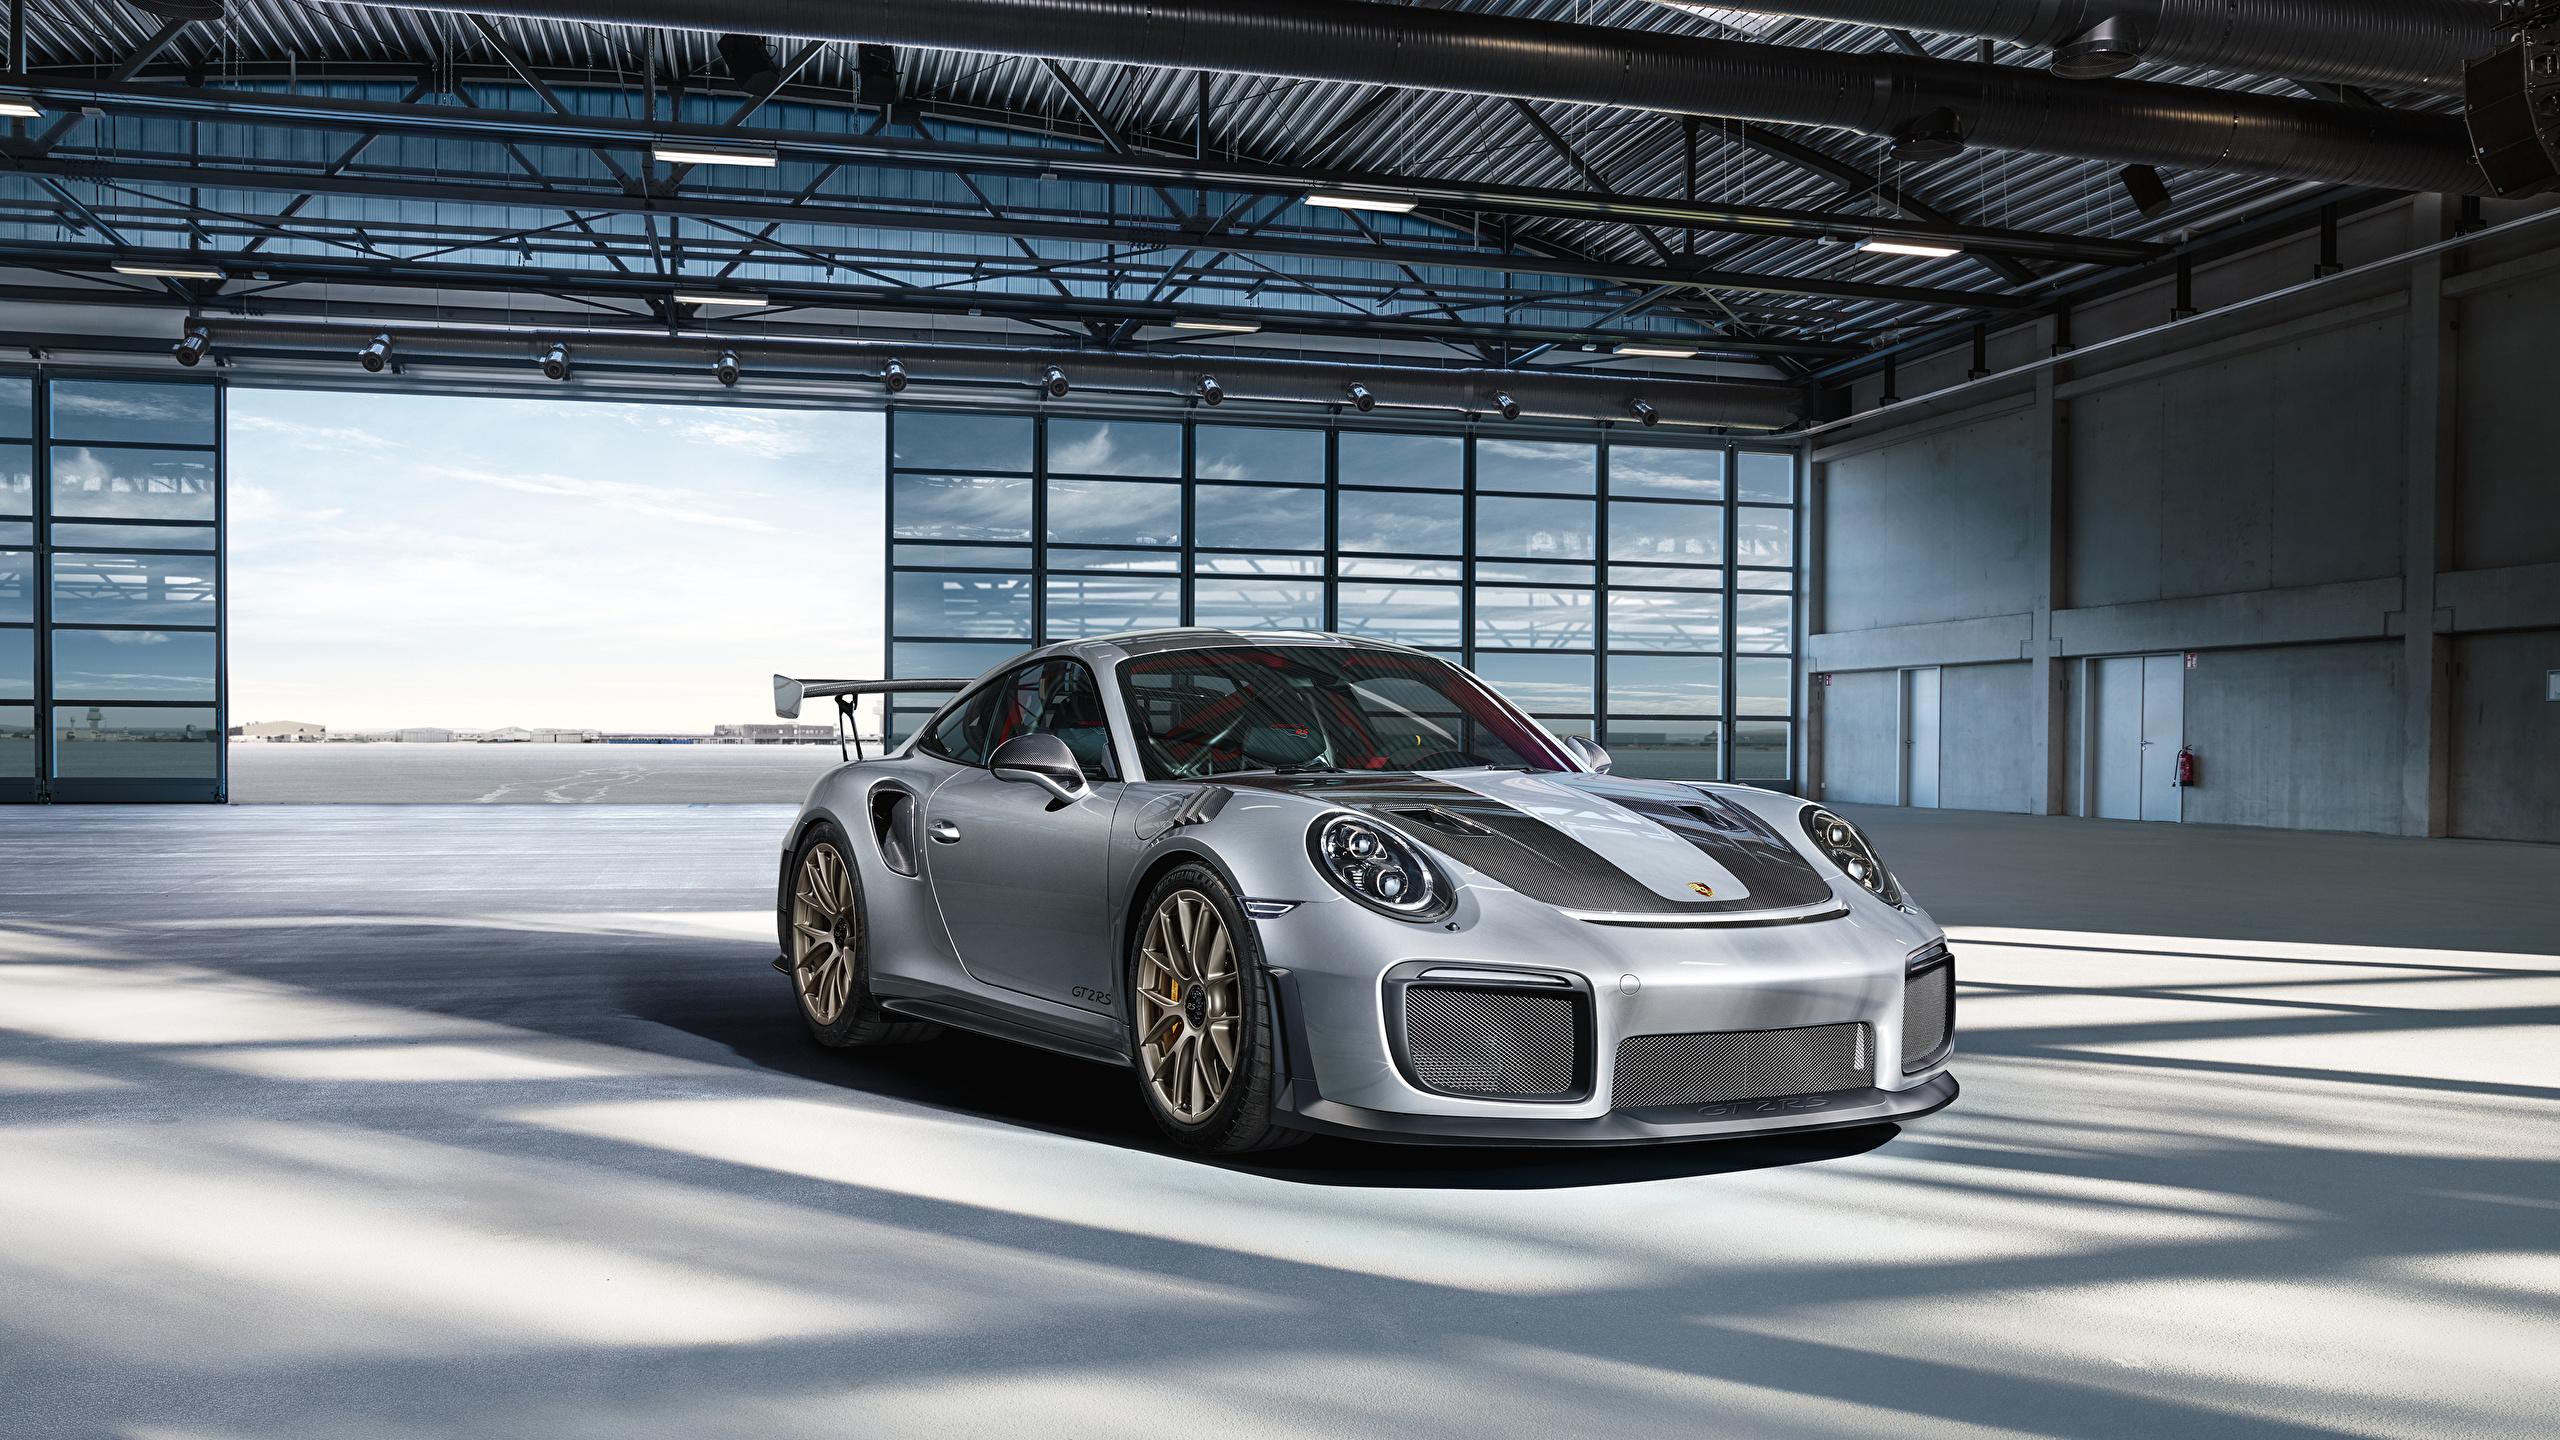 Wallpaper Porsche 911 gt2 rs Silver color automobile 2560x1440 Cars auto